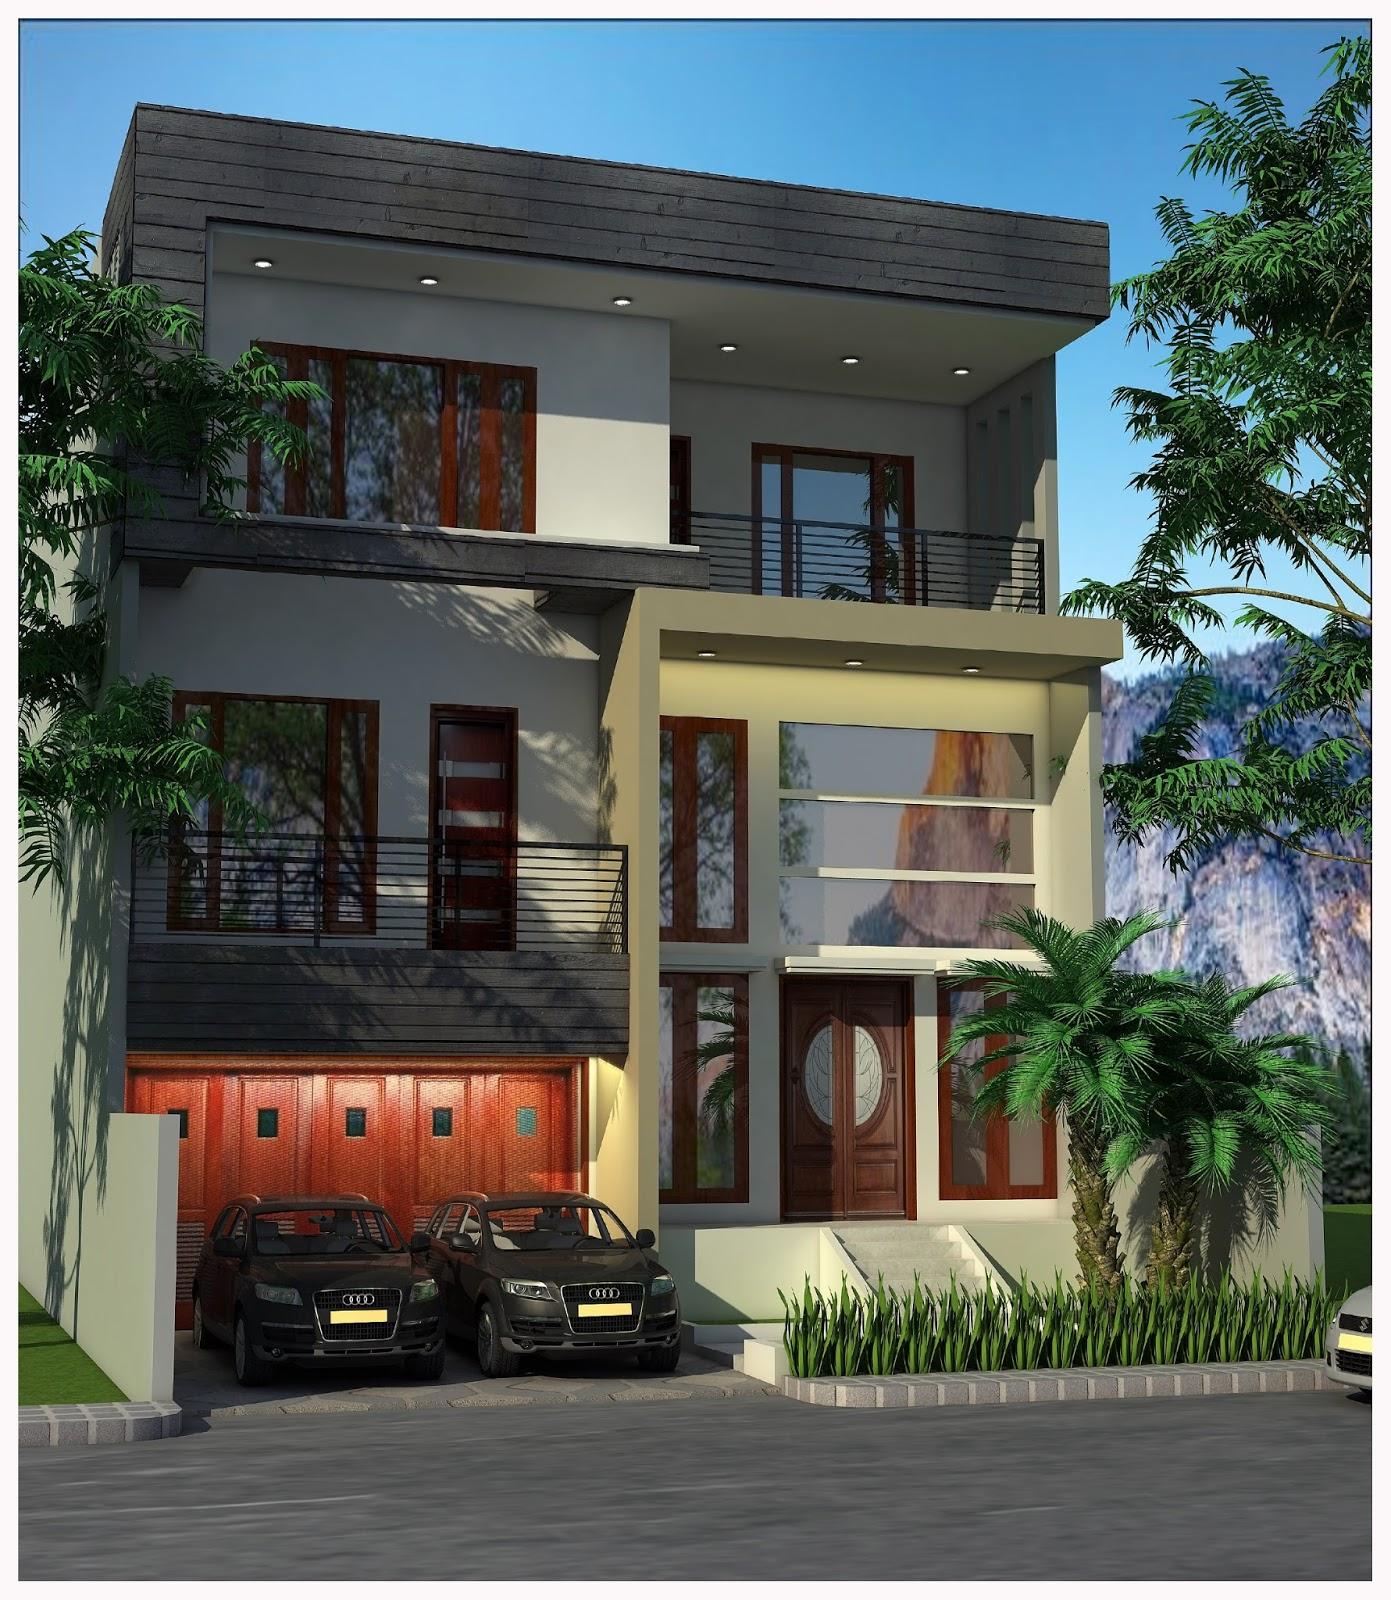 45 Gambar Desain Interior Rumah Minimalis 3 Lantai Terbaru